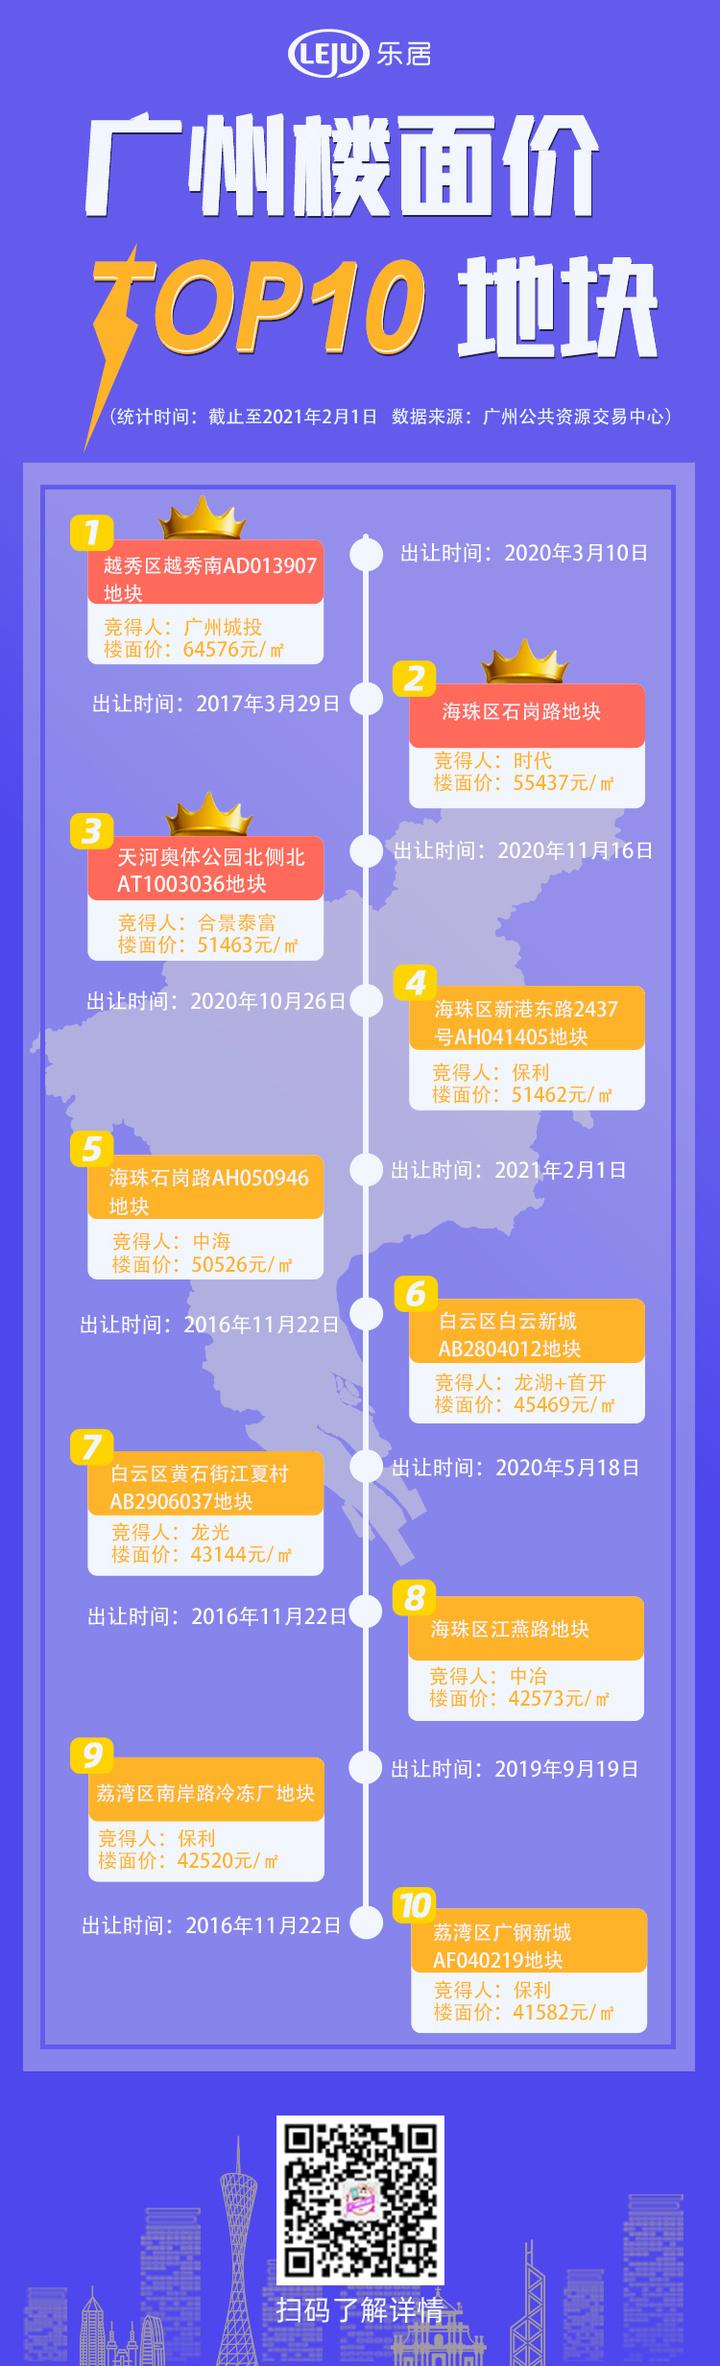 最高6.4万/㎡!广州最新楼面价TOP10曝光